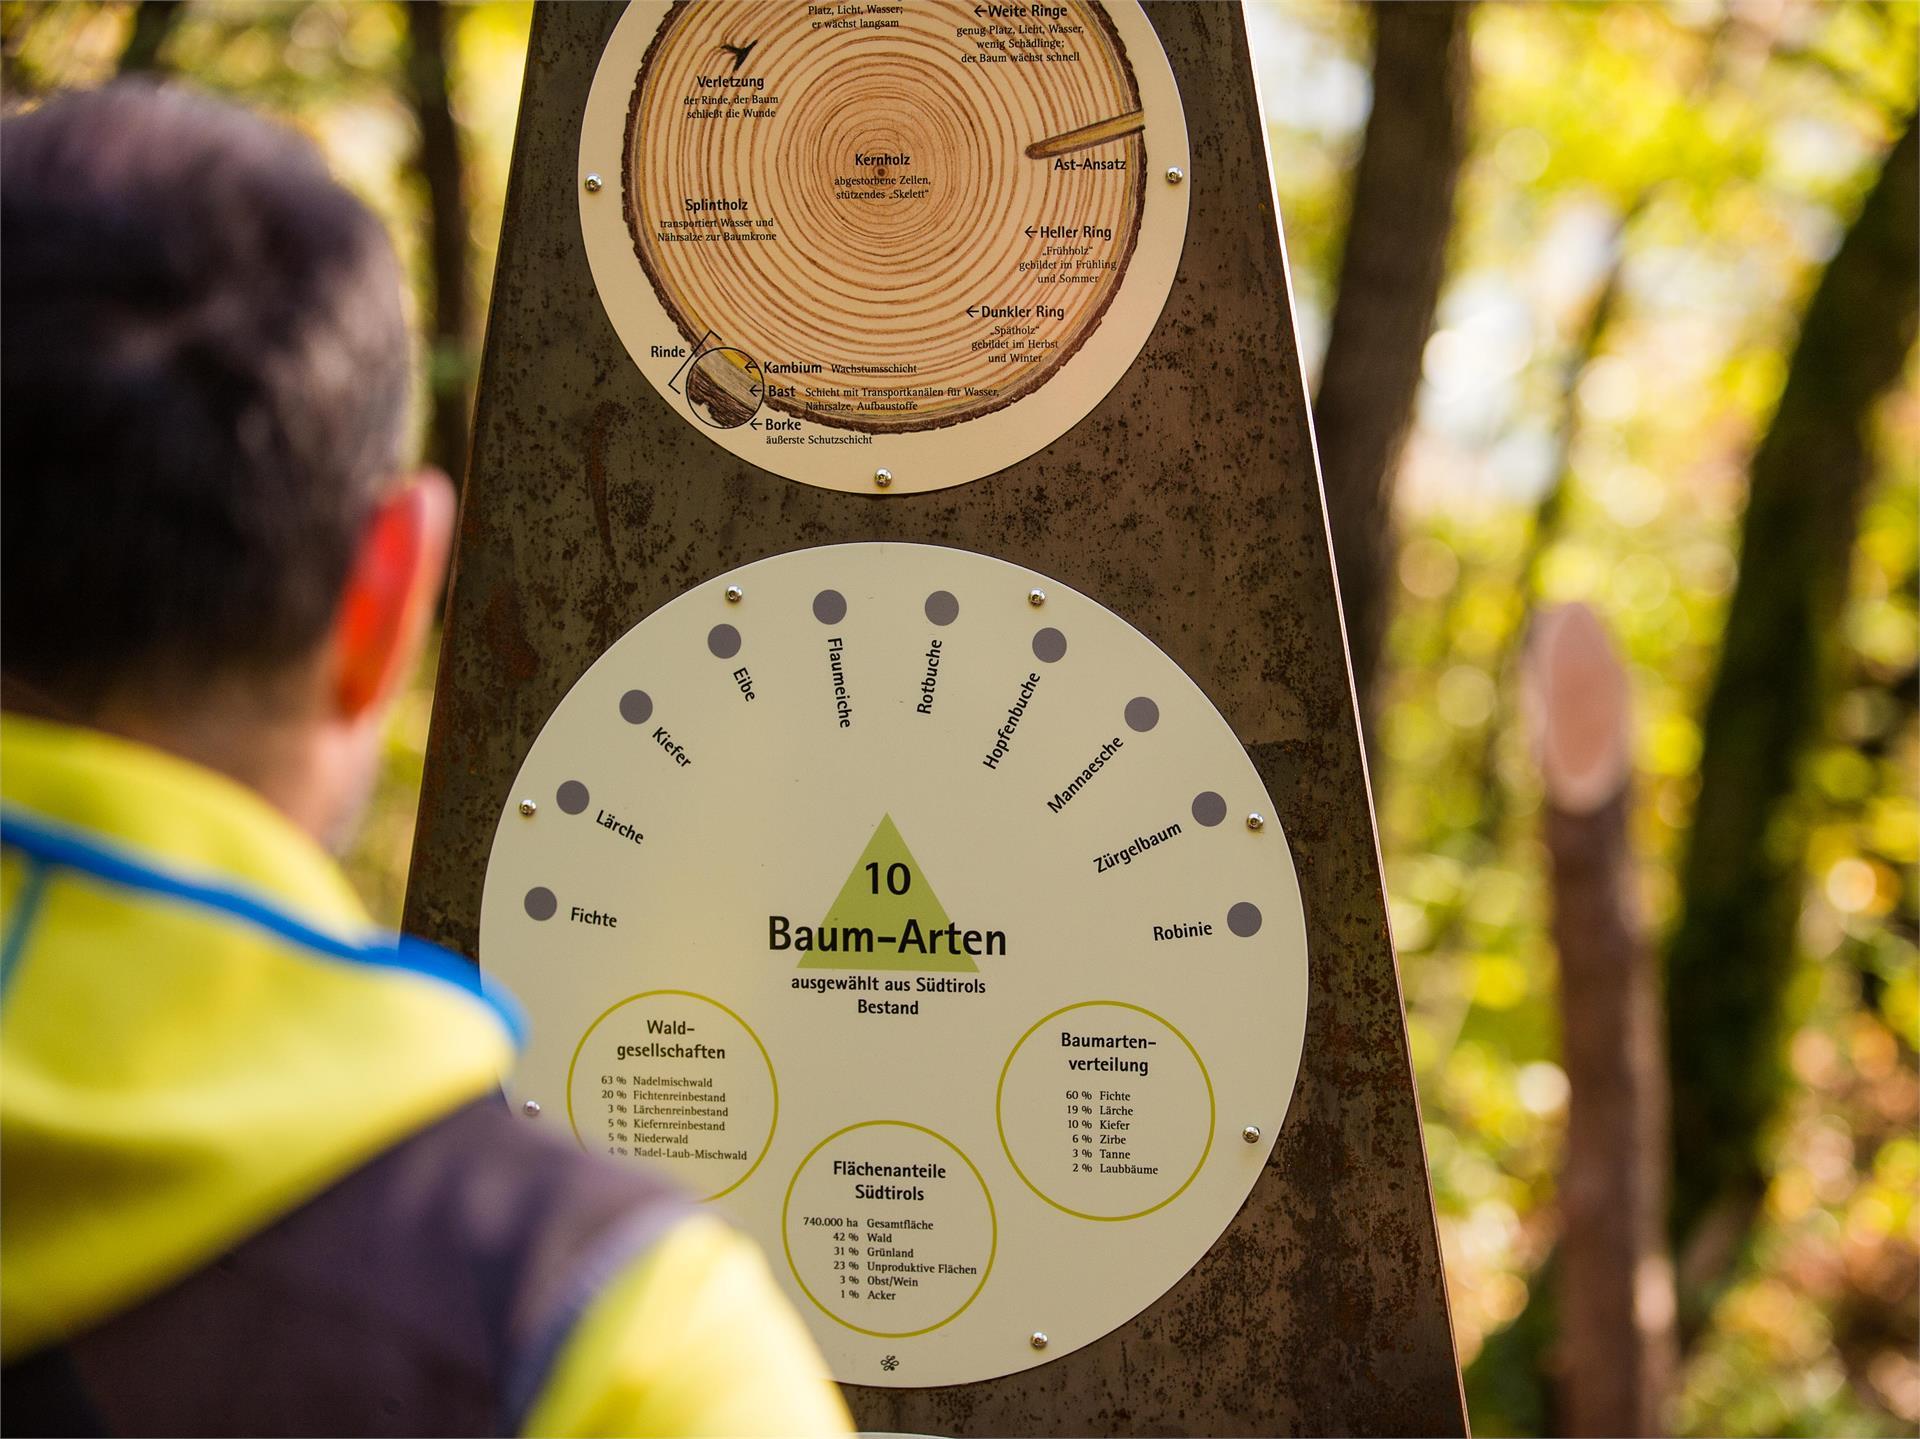 Termeno Nature Experience Trail (Naturerlebnisweg Tramin)